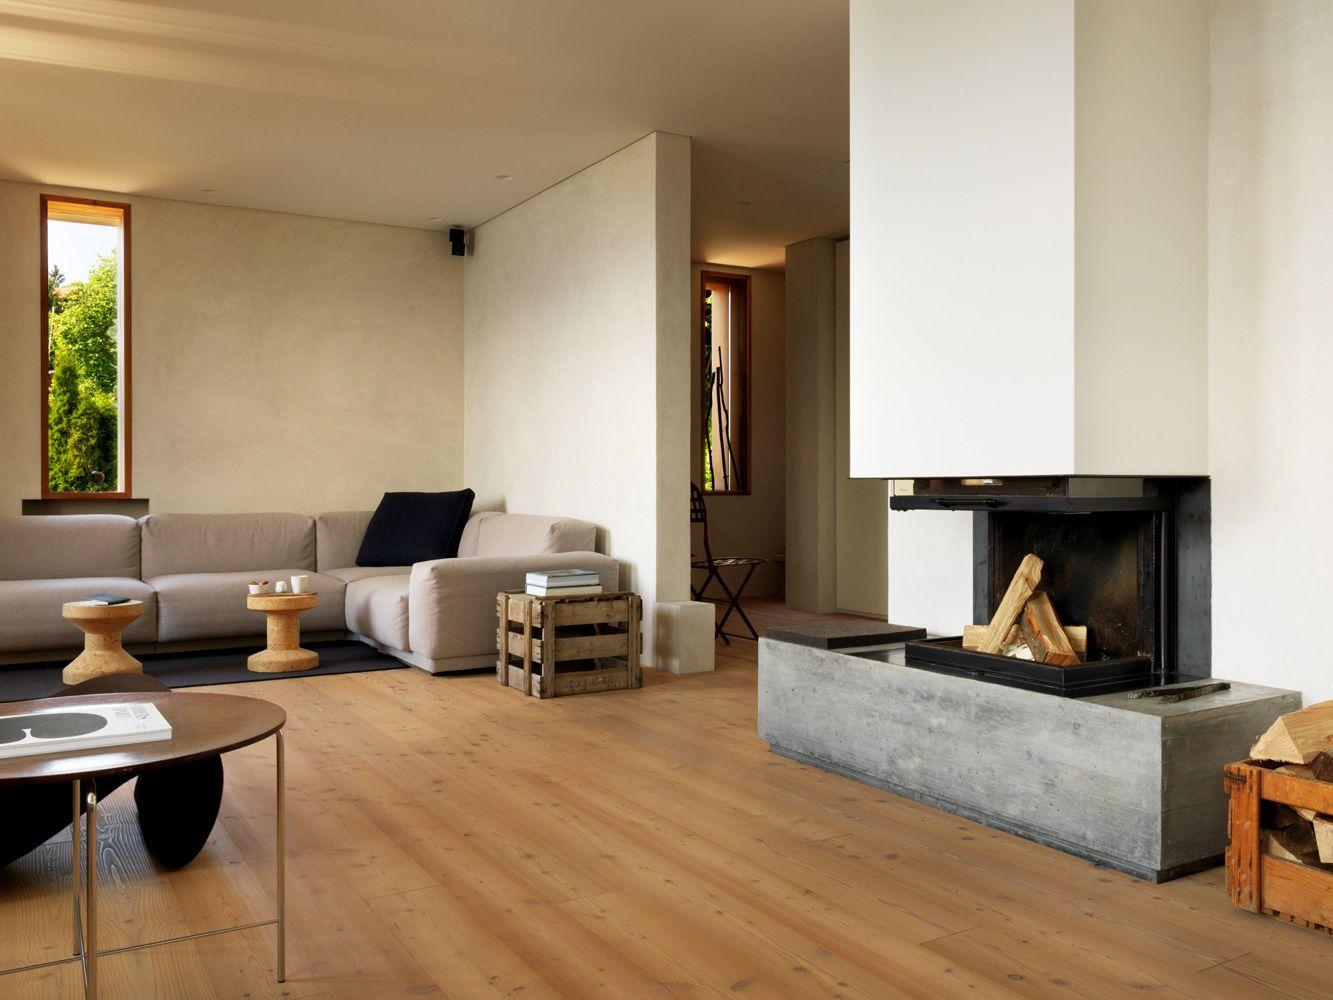 Kamin Wohnzimmer ~ Edles wohnzimmer mit dielenboden und offenem kamin kamin